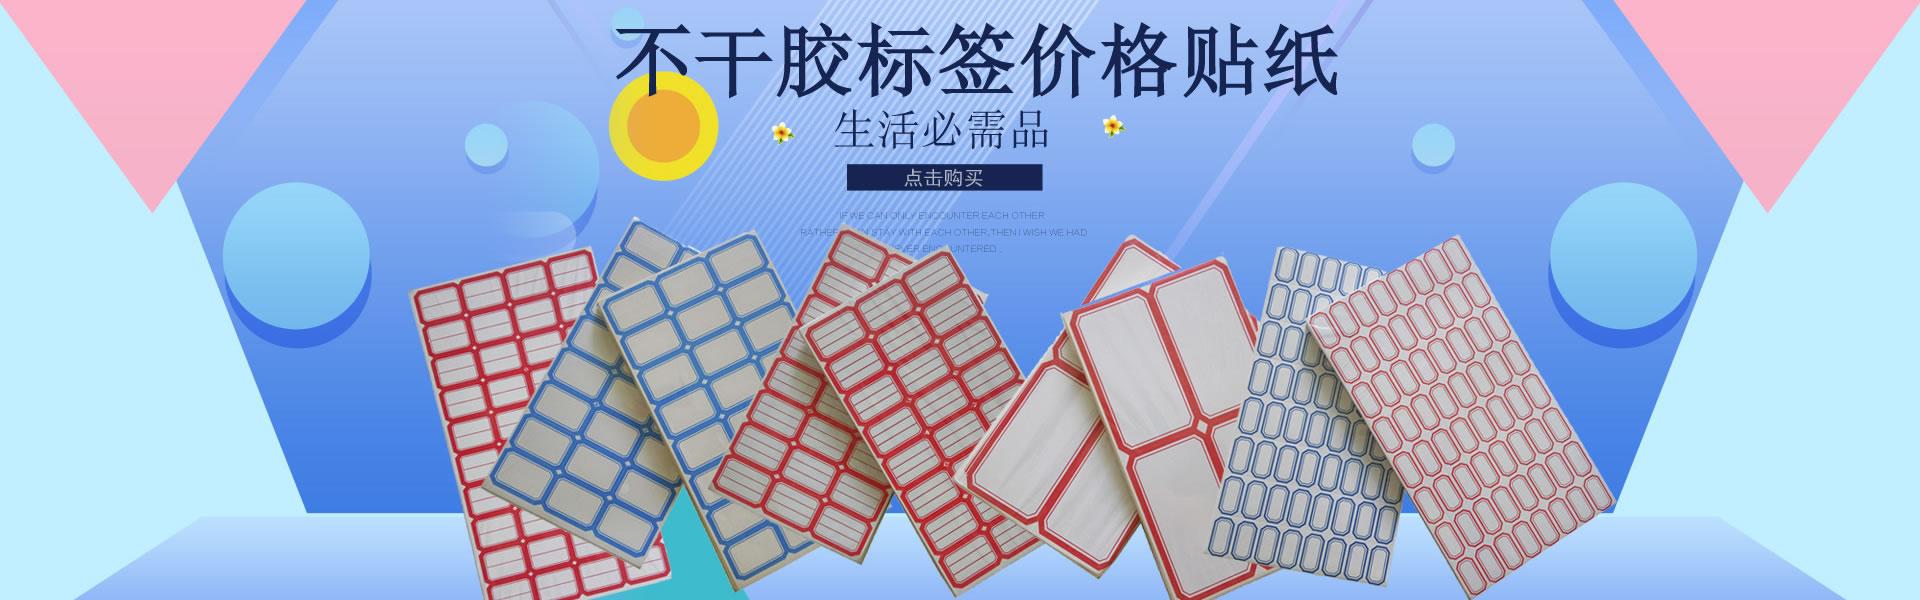 北京快乐8网站-首页_WelcomebAWe_不干胶价格标签贴纸